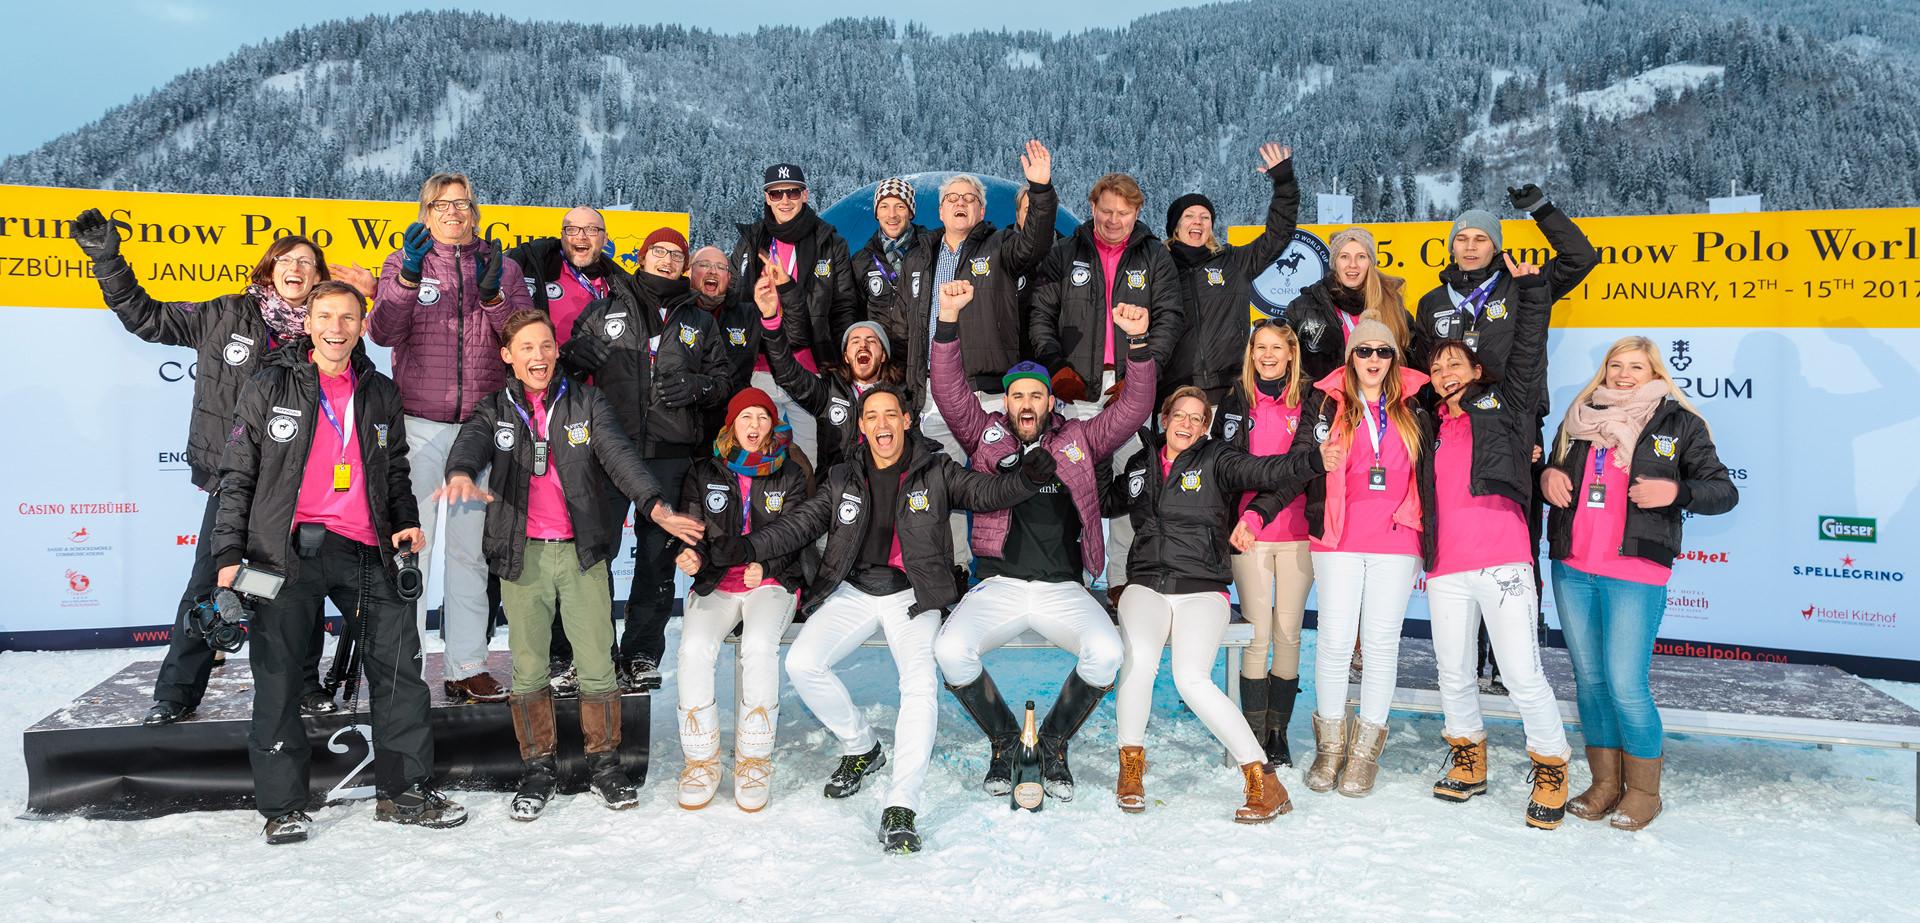 Gruppenfoto von Team auf einer Veranstaltung im Schnee von Kitzbühel